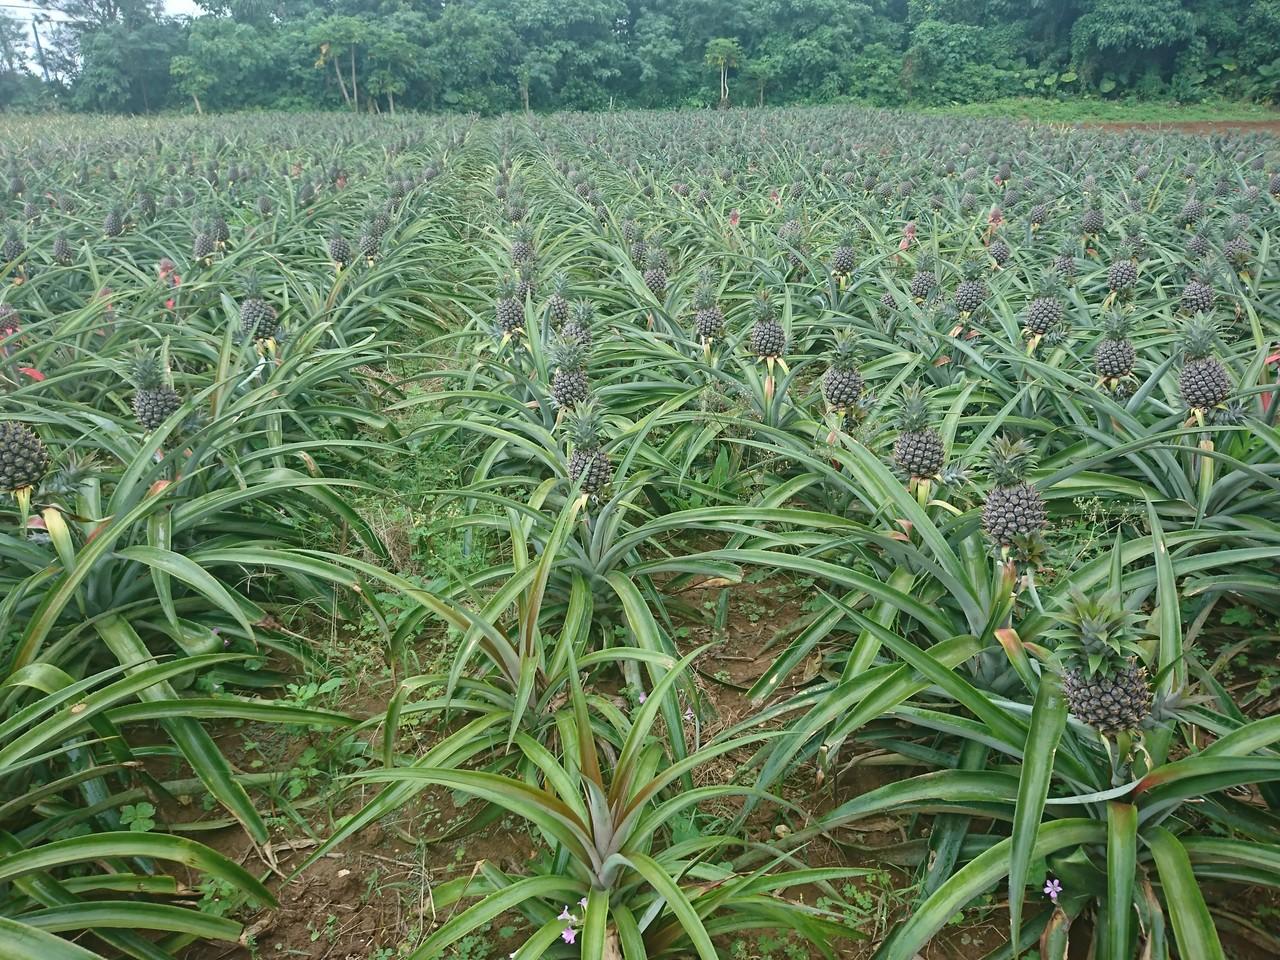 最近、島で人気上昇中のパイナポー! 宮古島では土の成分的に、出来ないといわれてたのに、この成果!すばらっ!